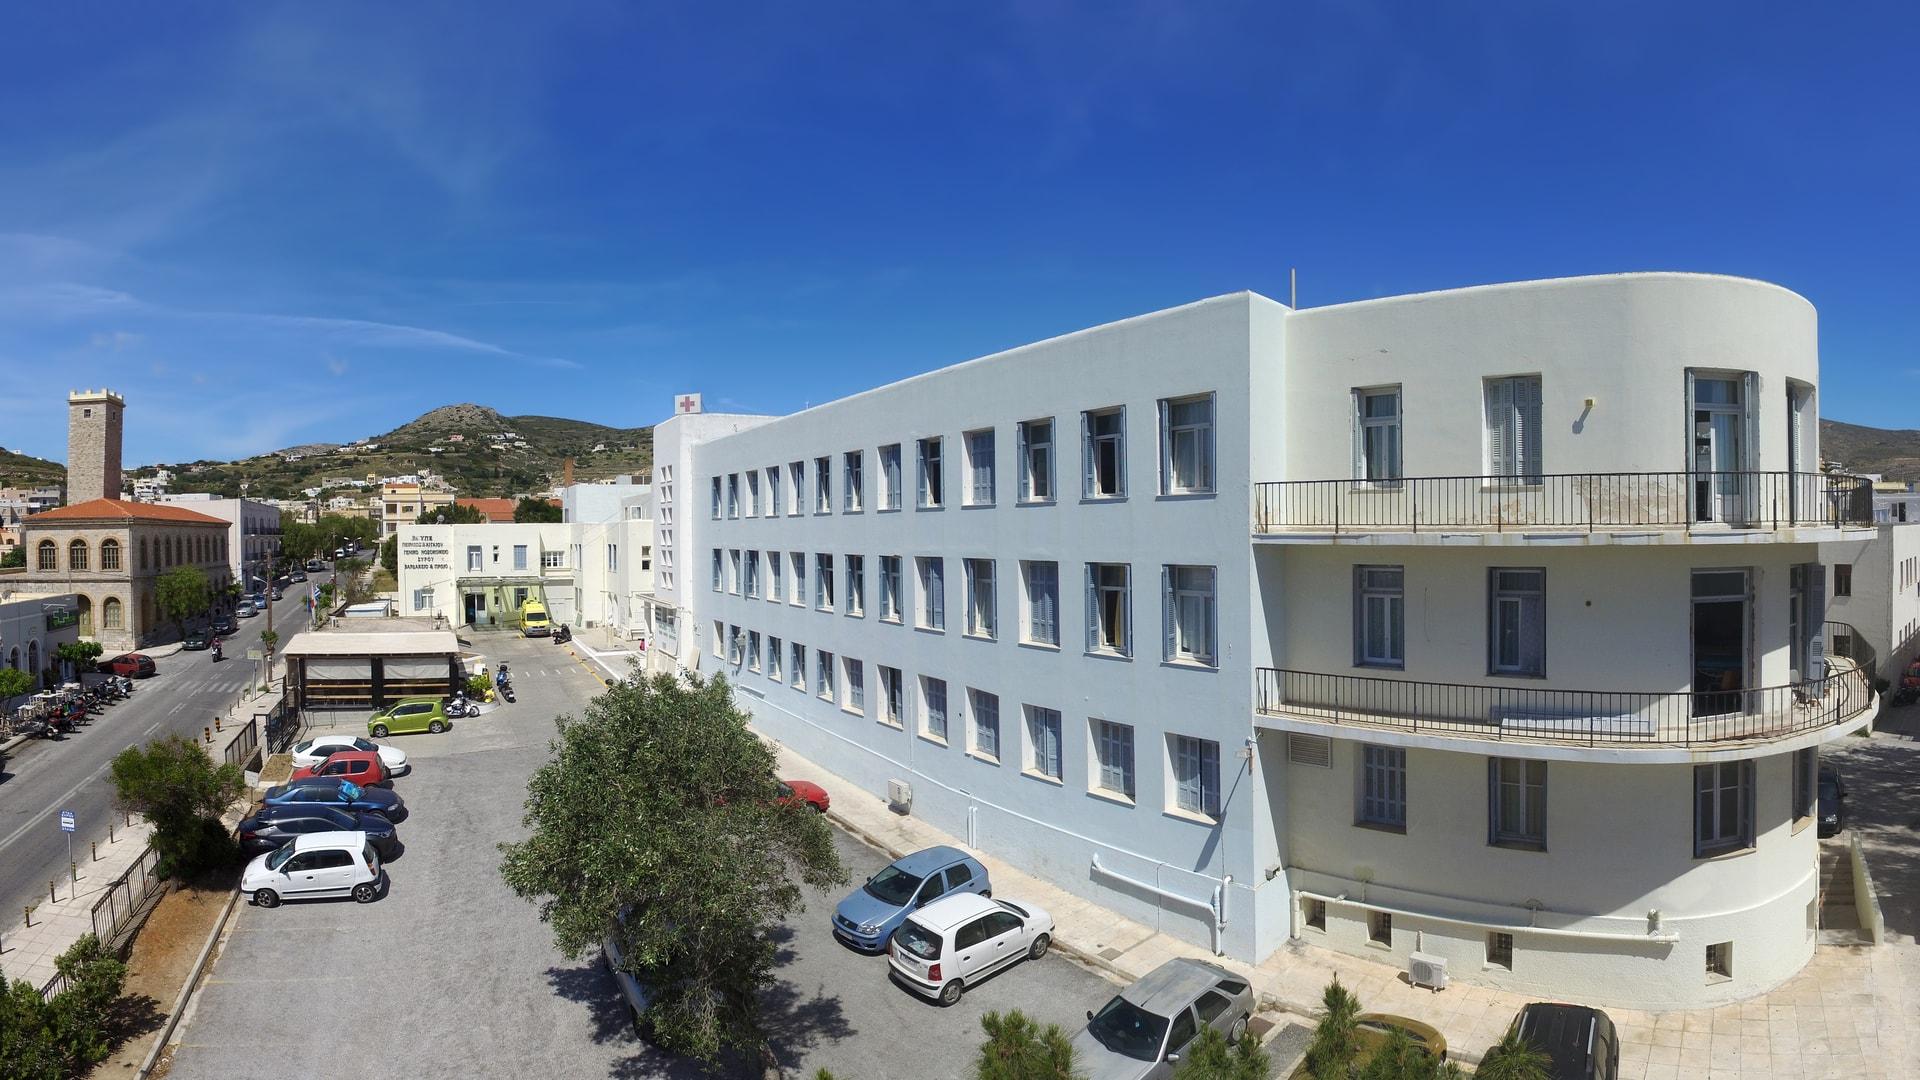 Νέα αύξηση χρηματοδότησης από την Περιφέρεια για την προμήθεια πρόσθετου εξοπλισμού στο Γενικό Νοσοκομείο Σύρου